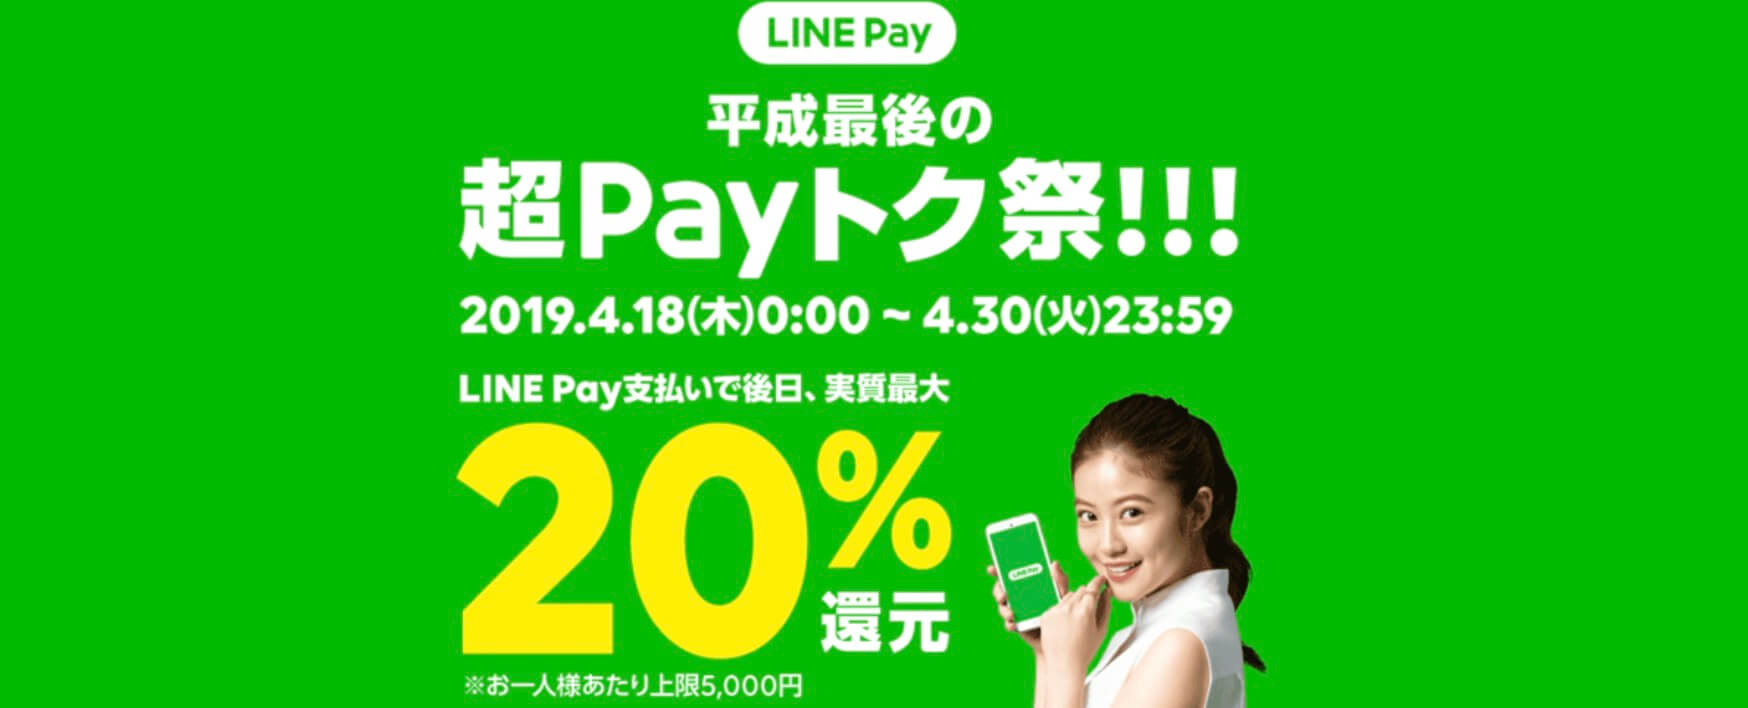 LINEPayのキャンペーン